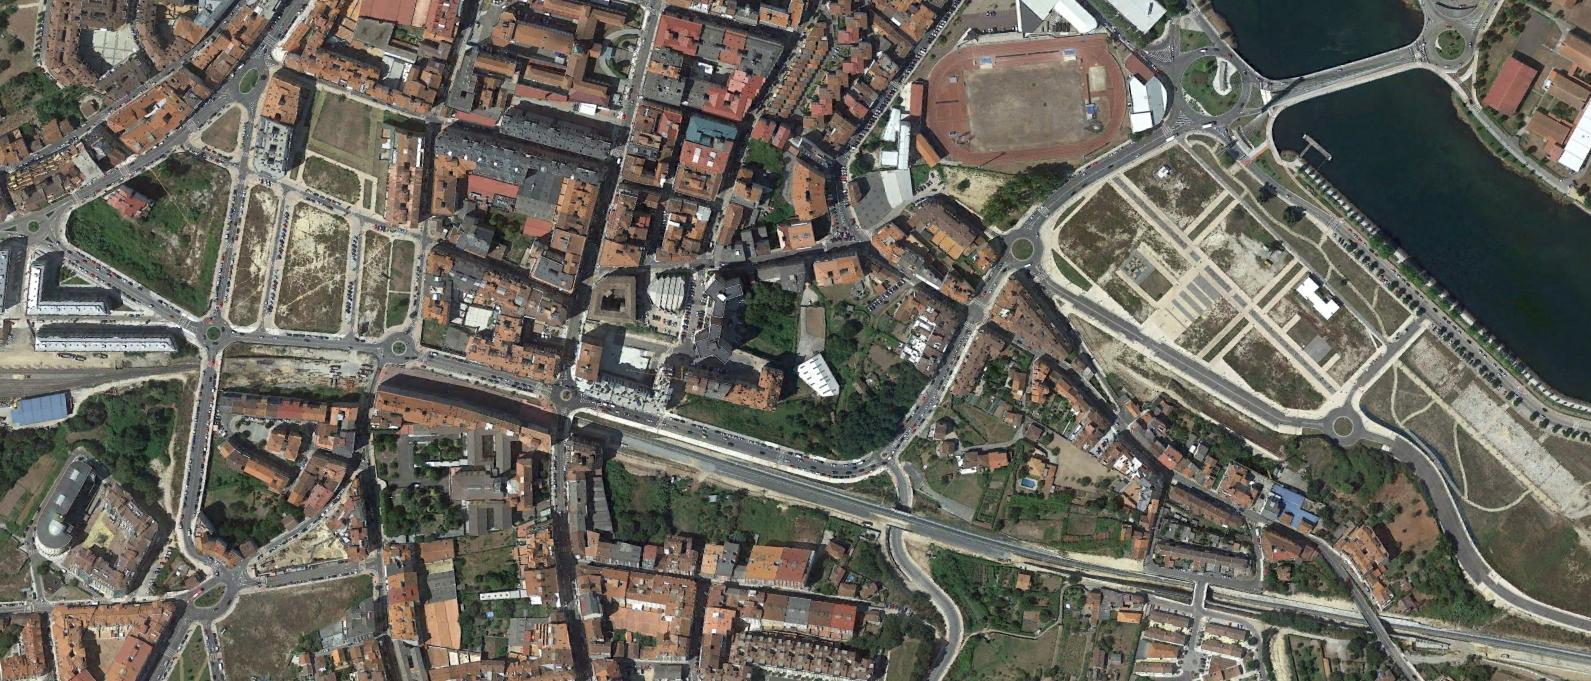 pontevedra, get grean, ni gota ni gota, después, urbanismo, planeamiento, urbano, desastre, urbanístico, construcción, rotondas, carretera